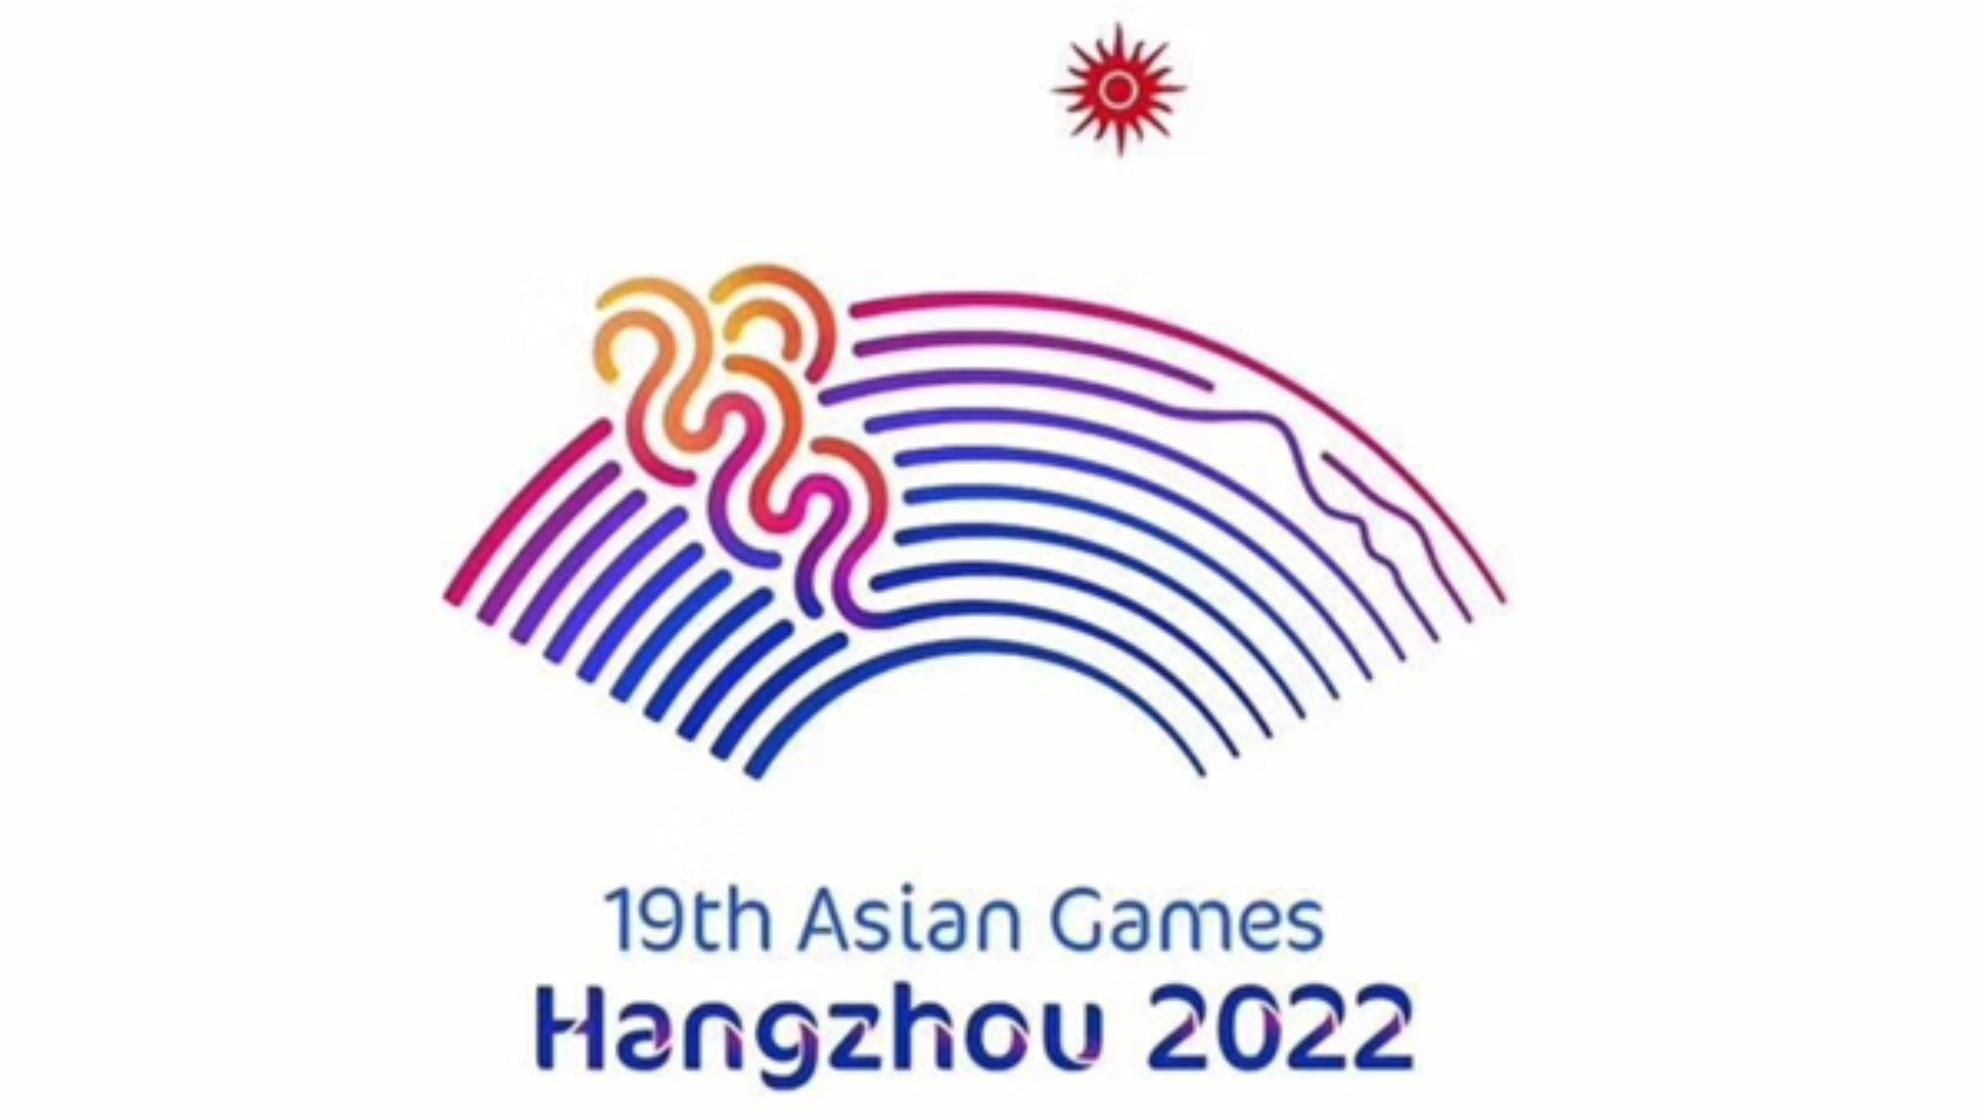 История Азиатских Игр.